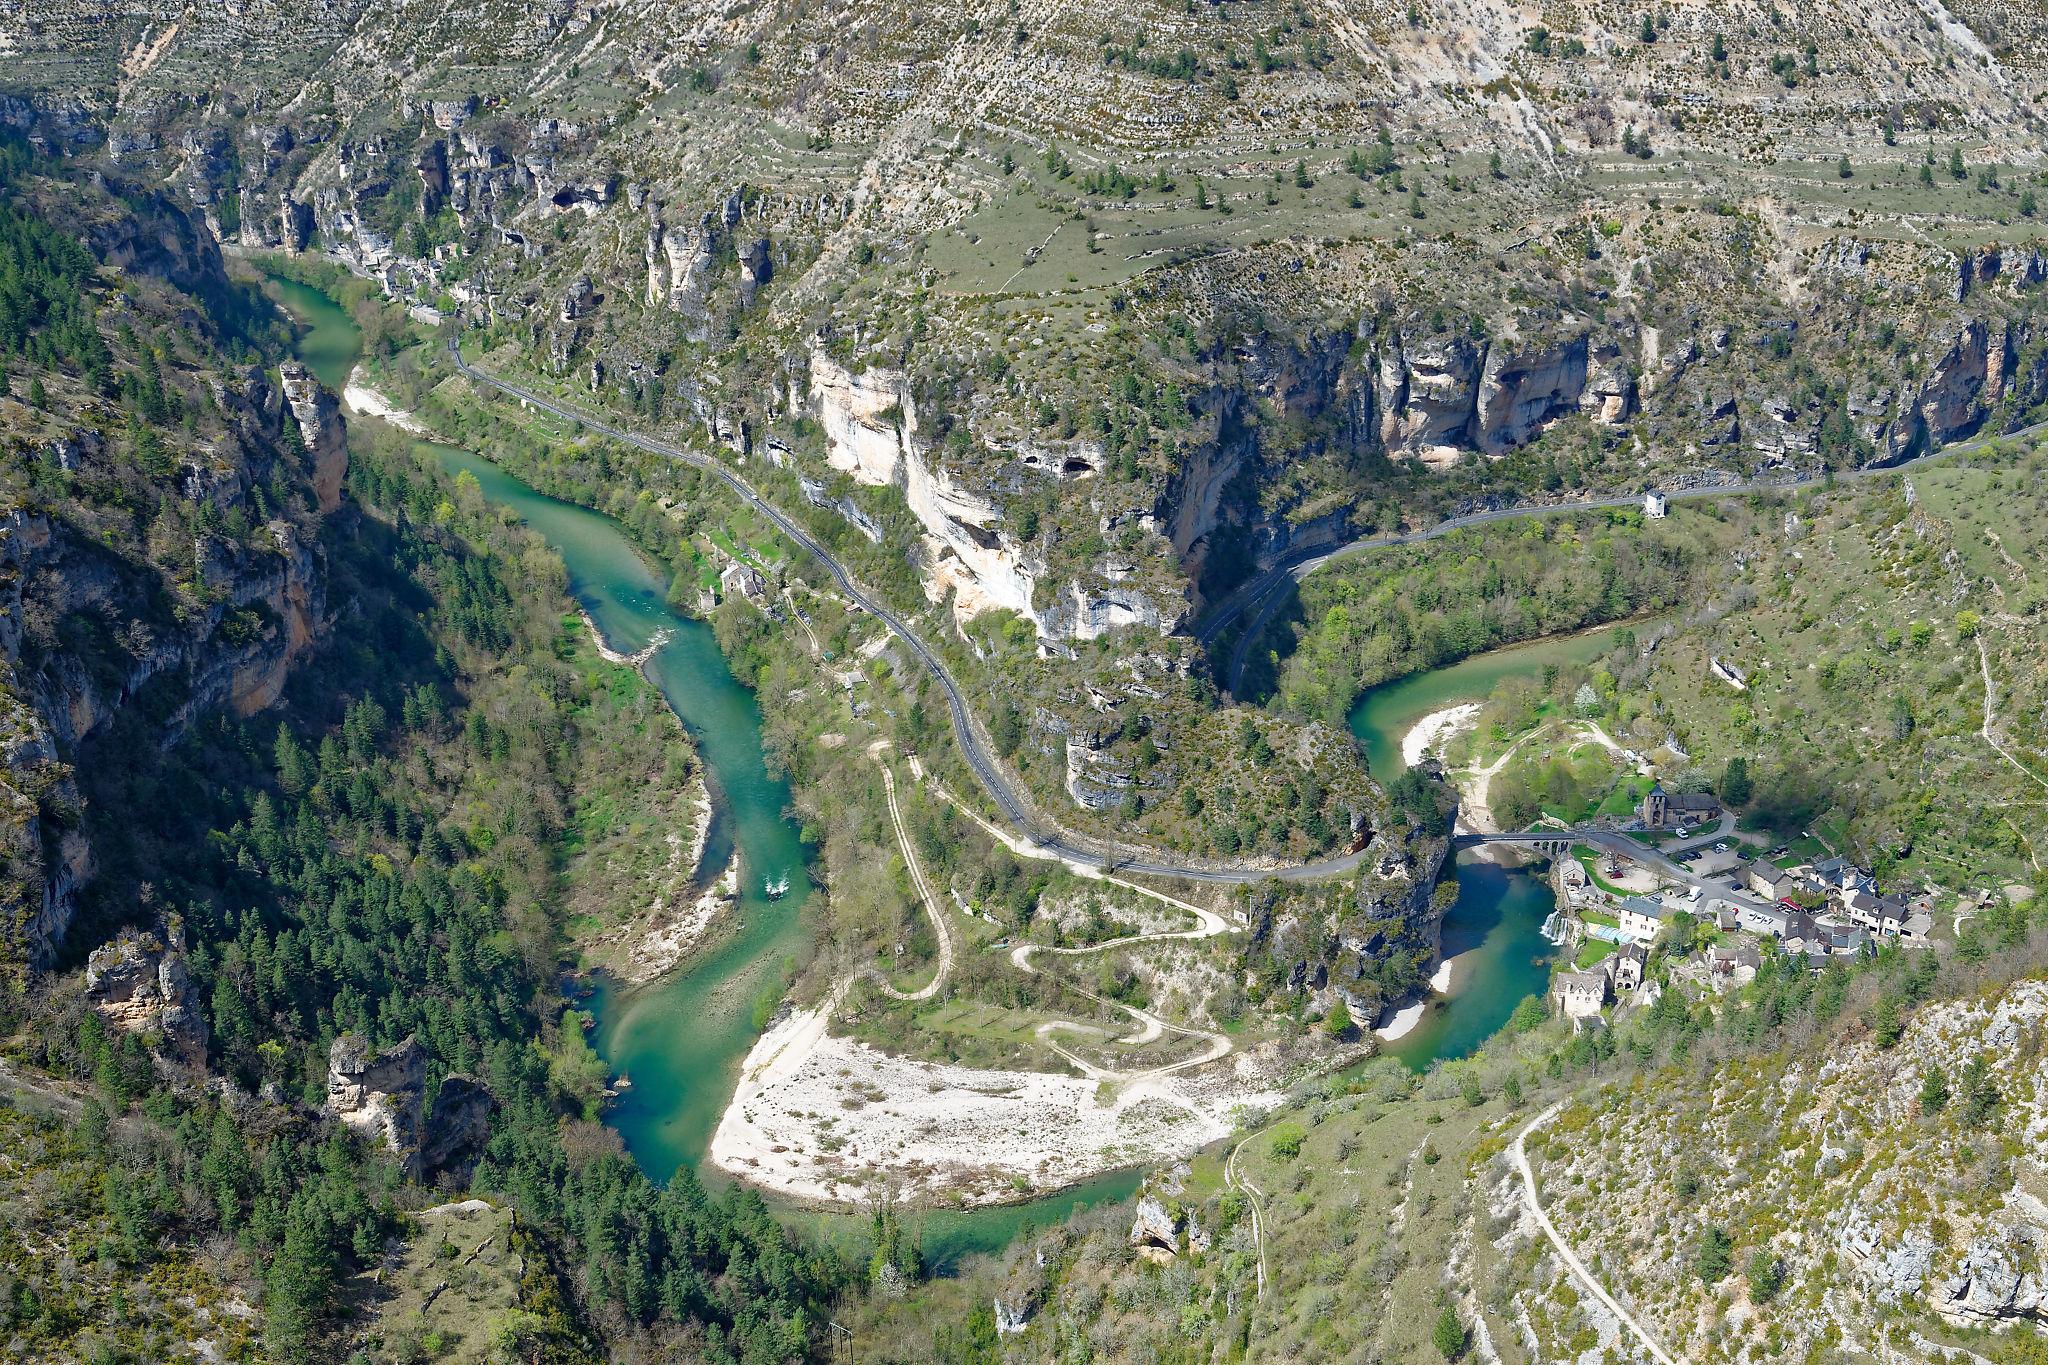 Les gorges du Tarn vues du Roc des Hourtous